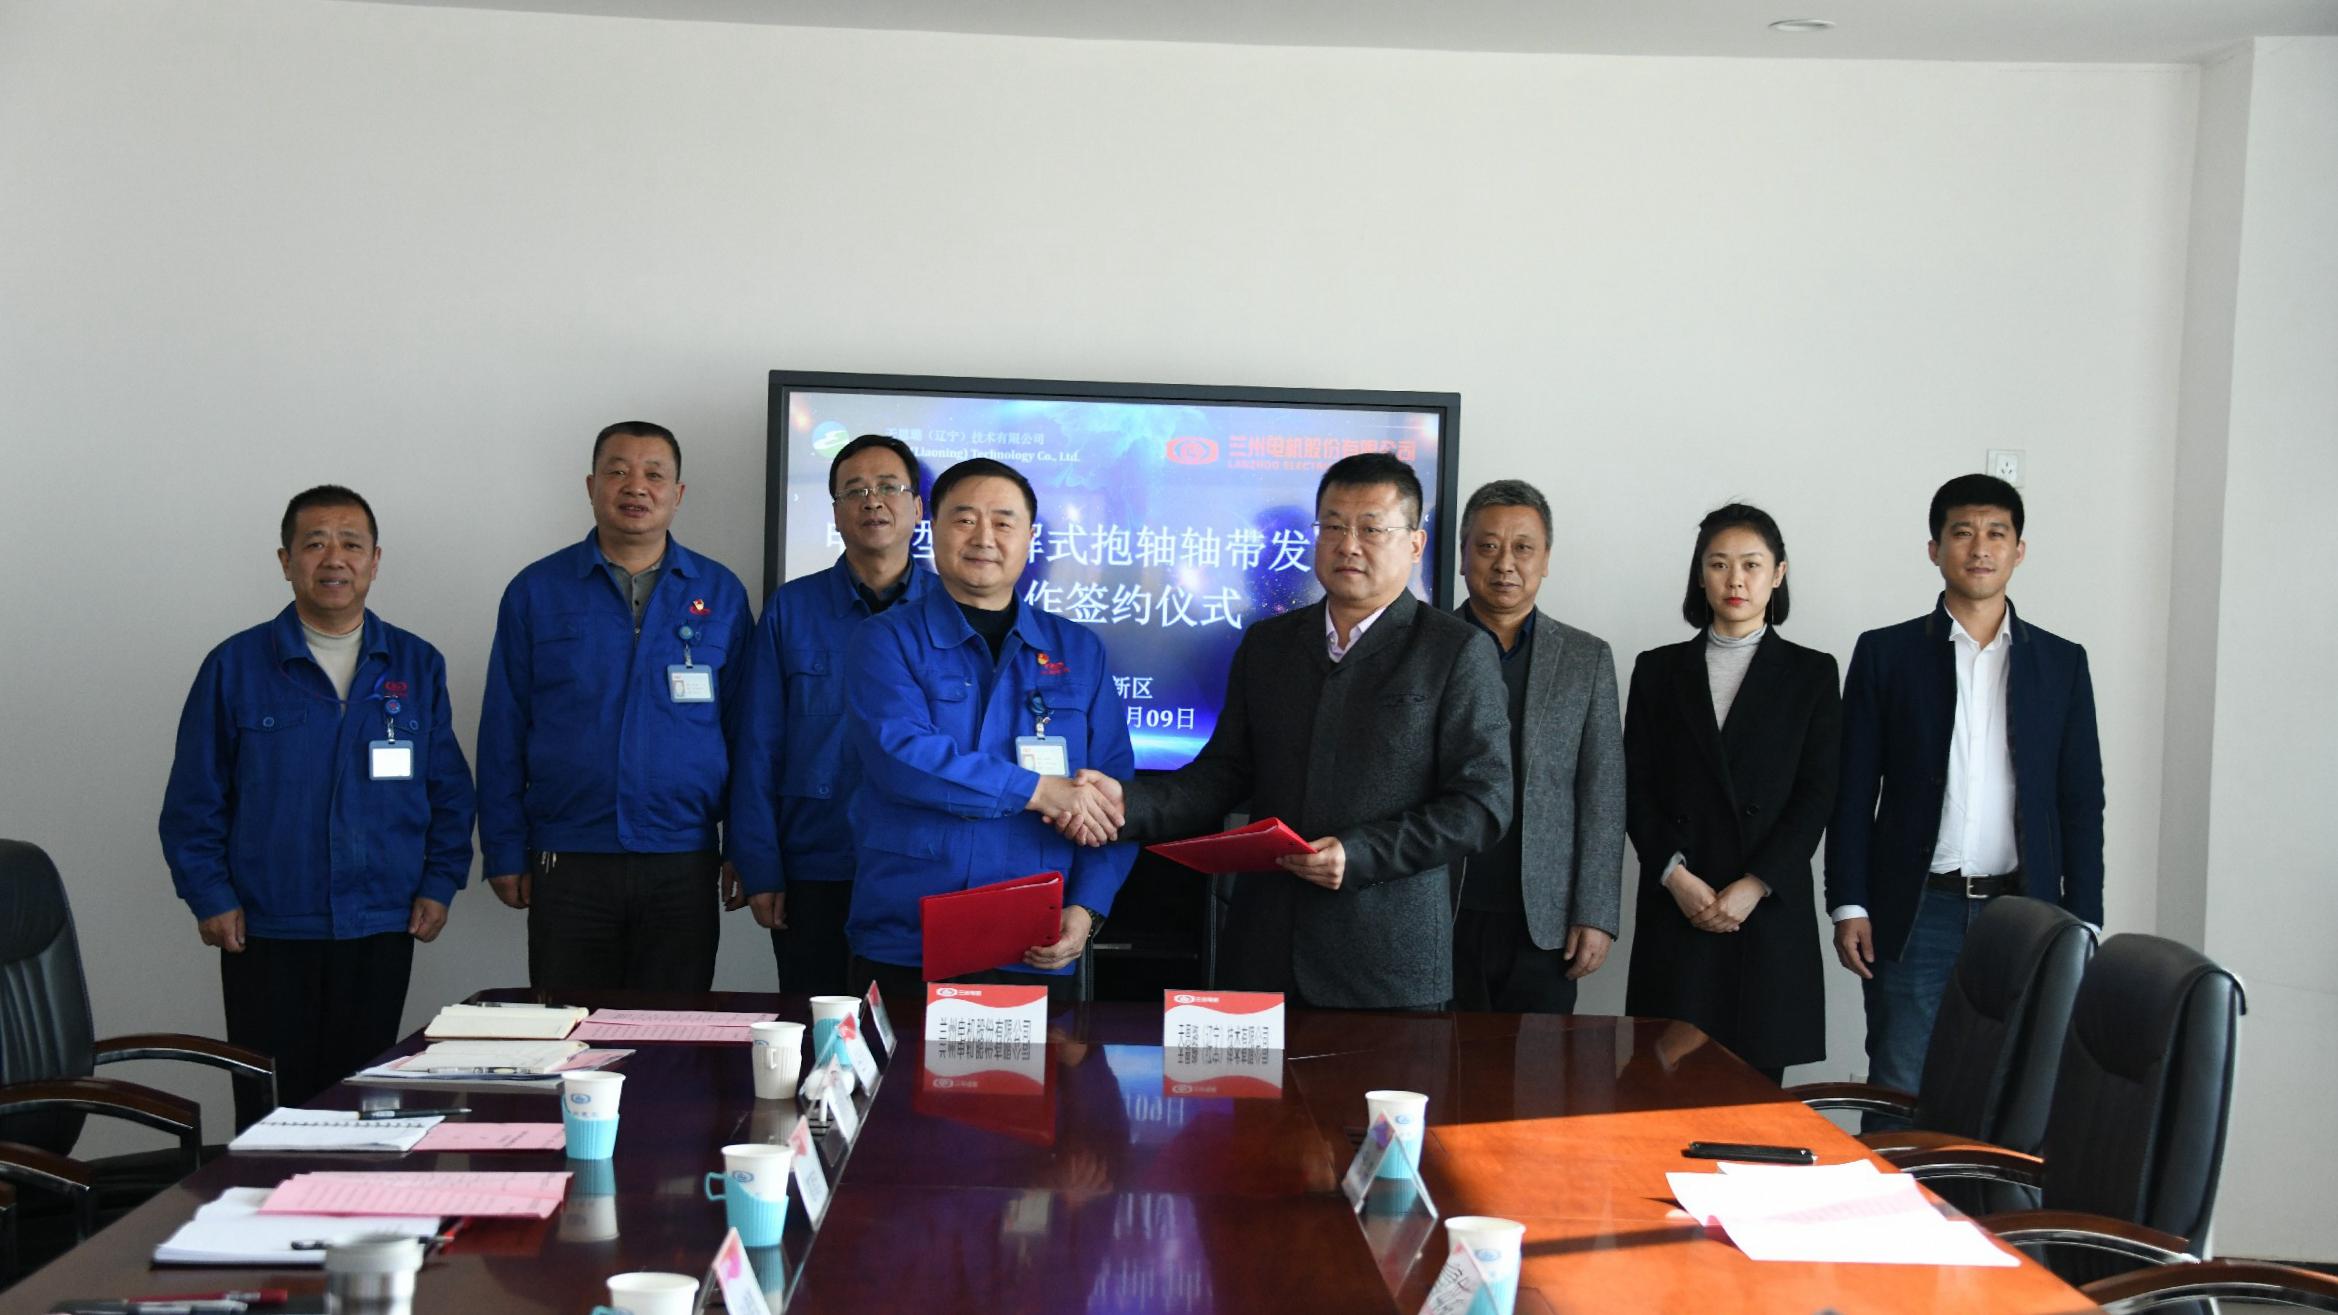 兰电股份与天恩璐技术公司签署合作协议